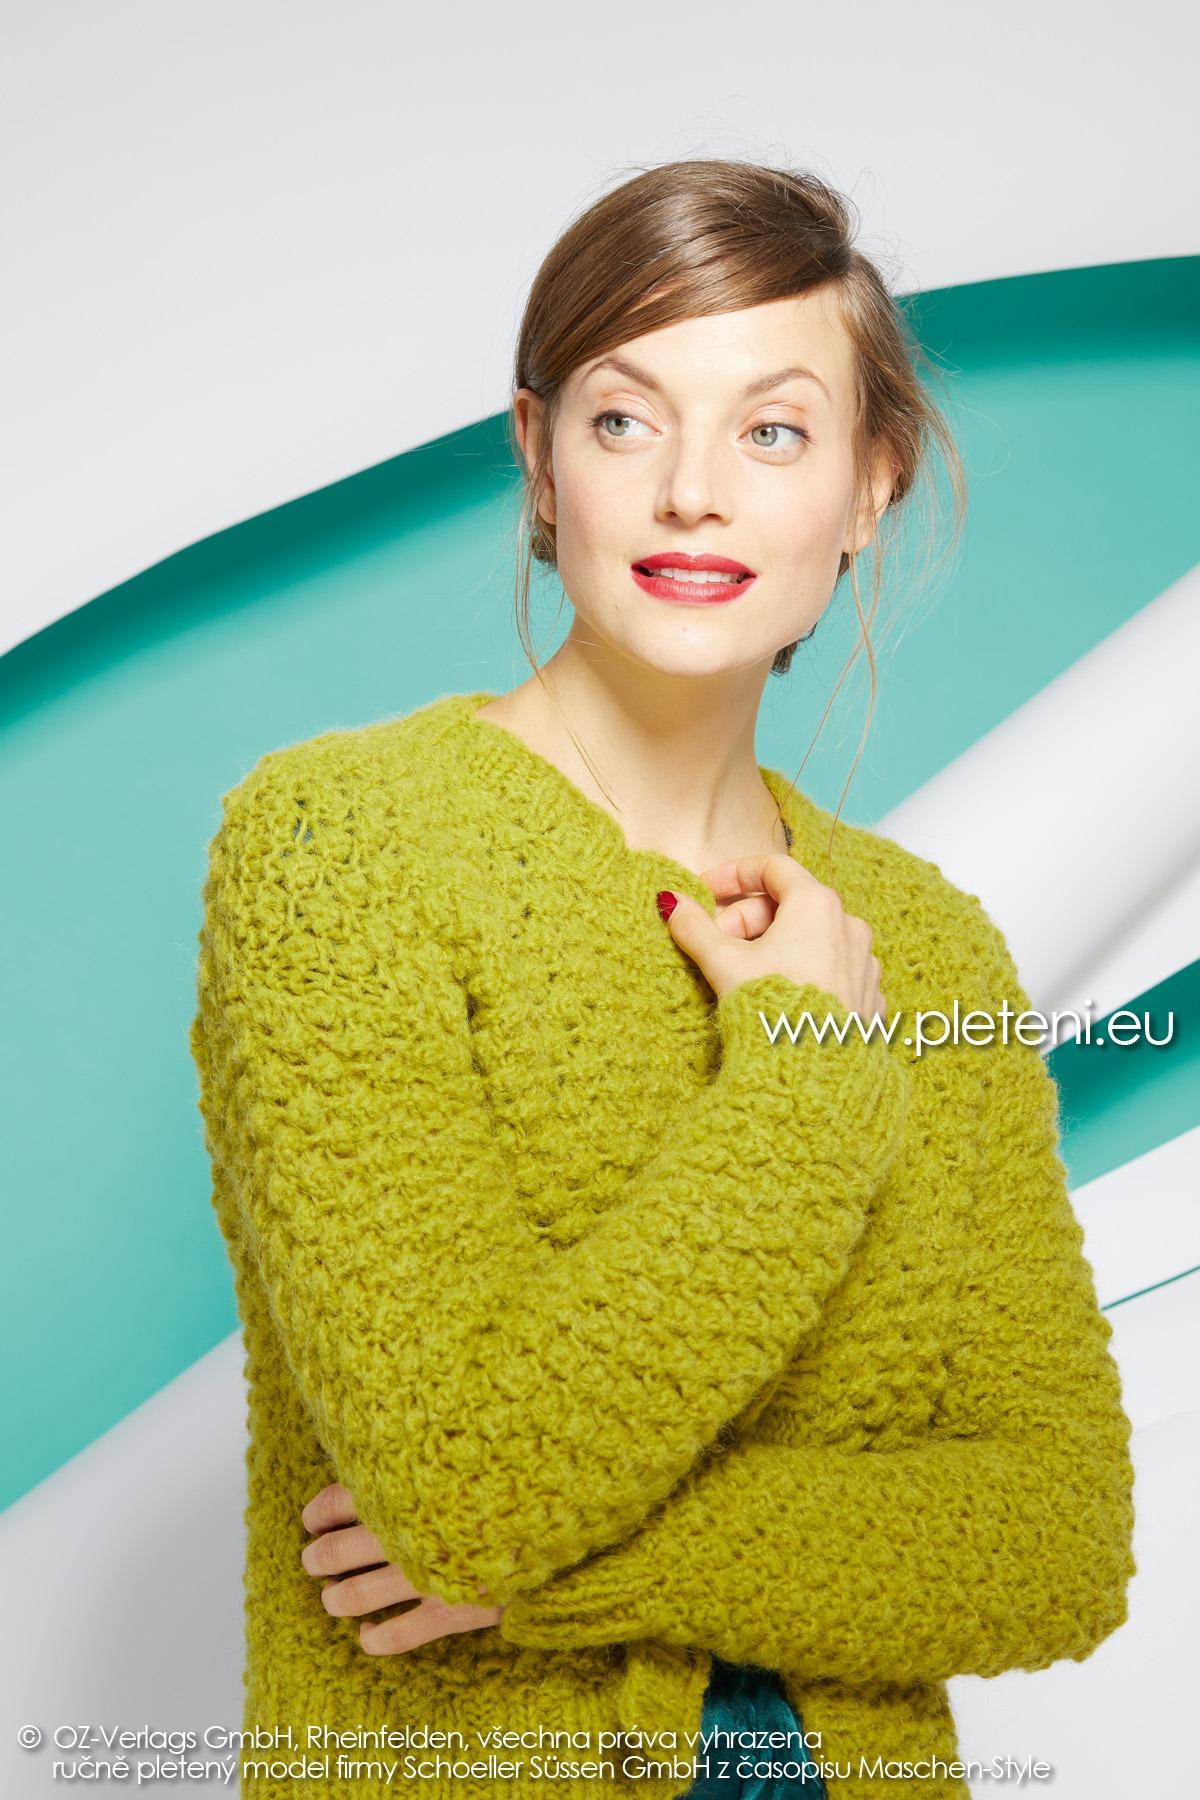 2019-Z-07 pletený dámský kabátek z příze Alpaca Fluffy značky Austermann